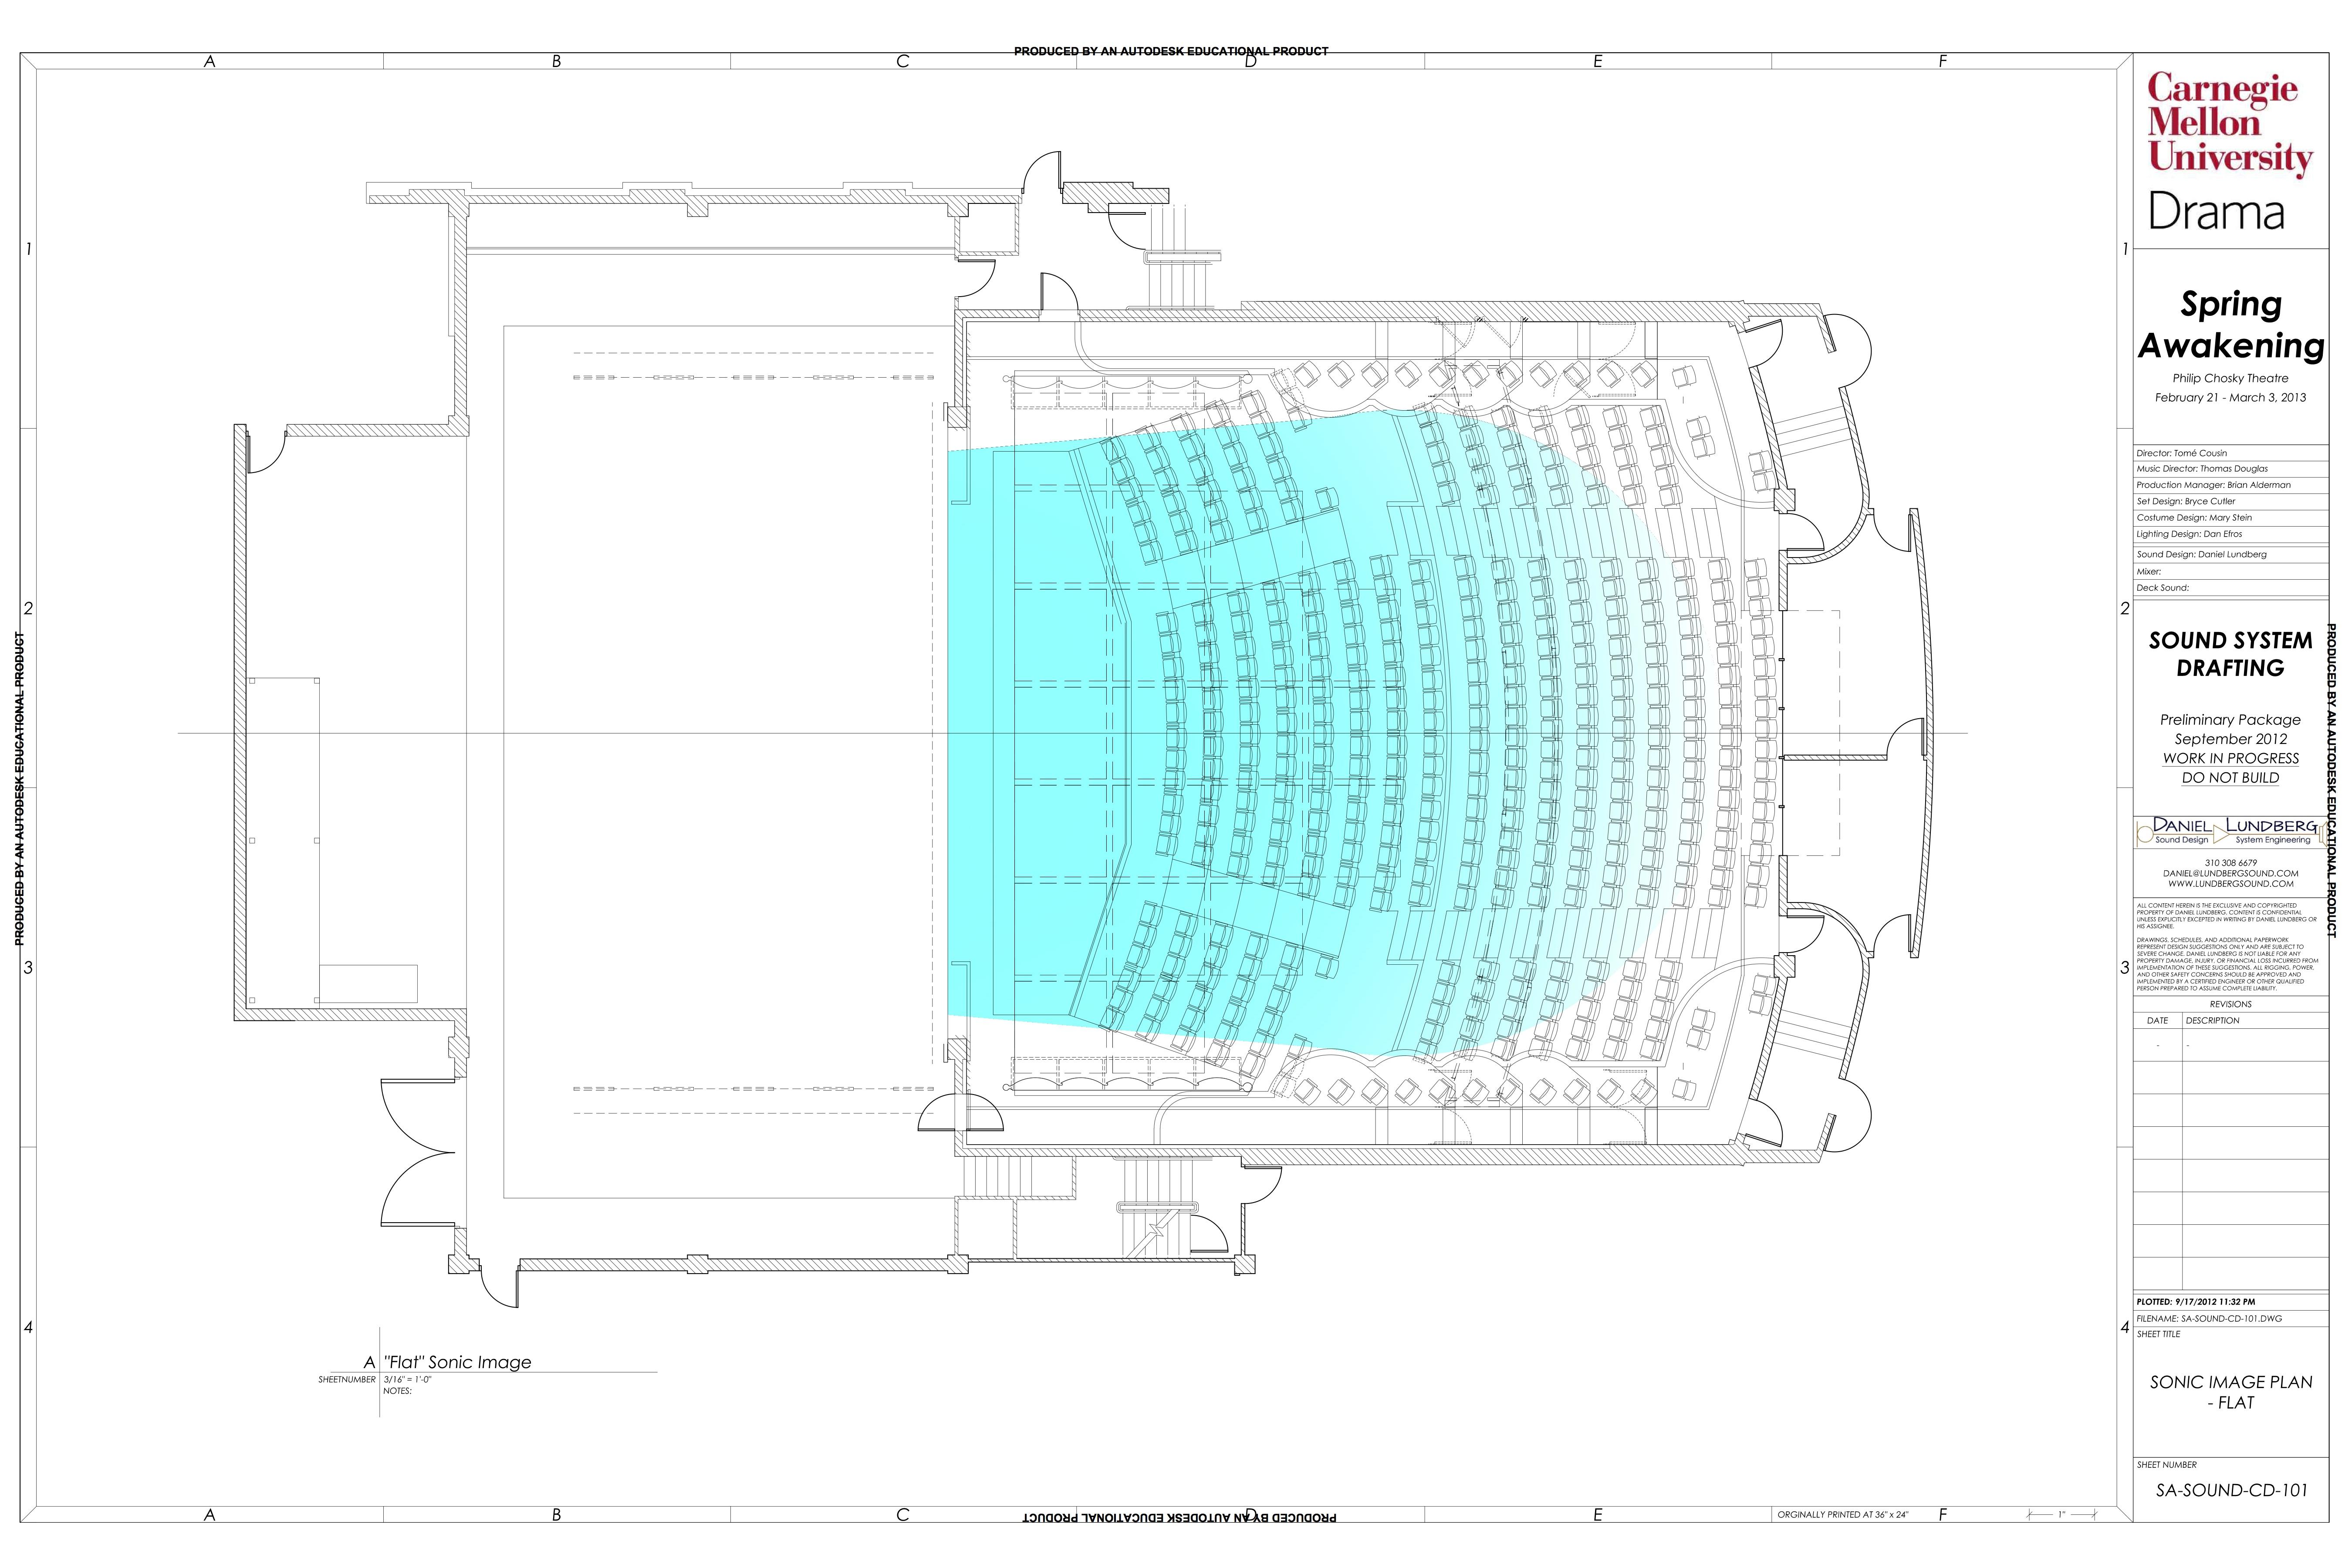 The Sound Design for Spring Awakening at Carnegie Mellon